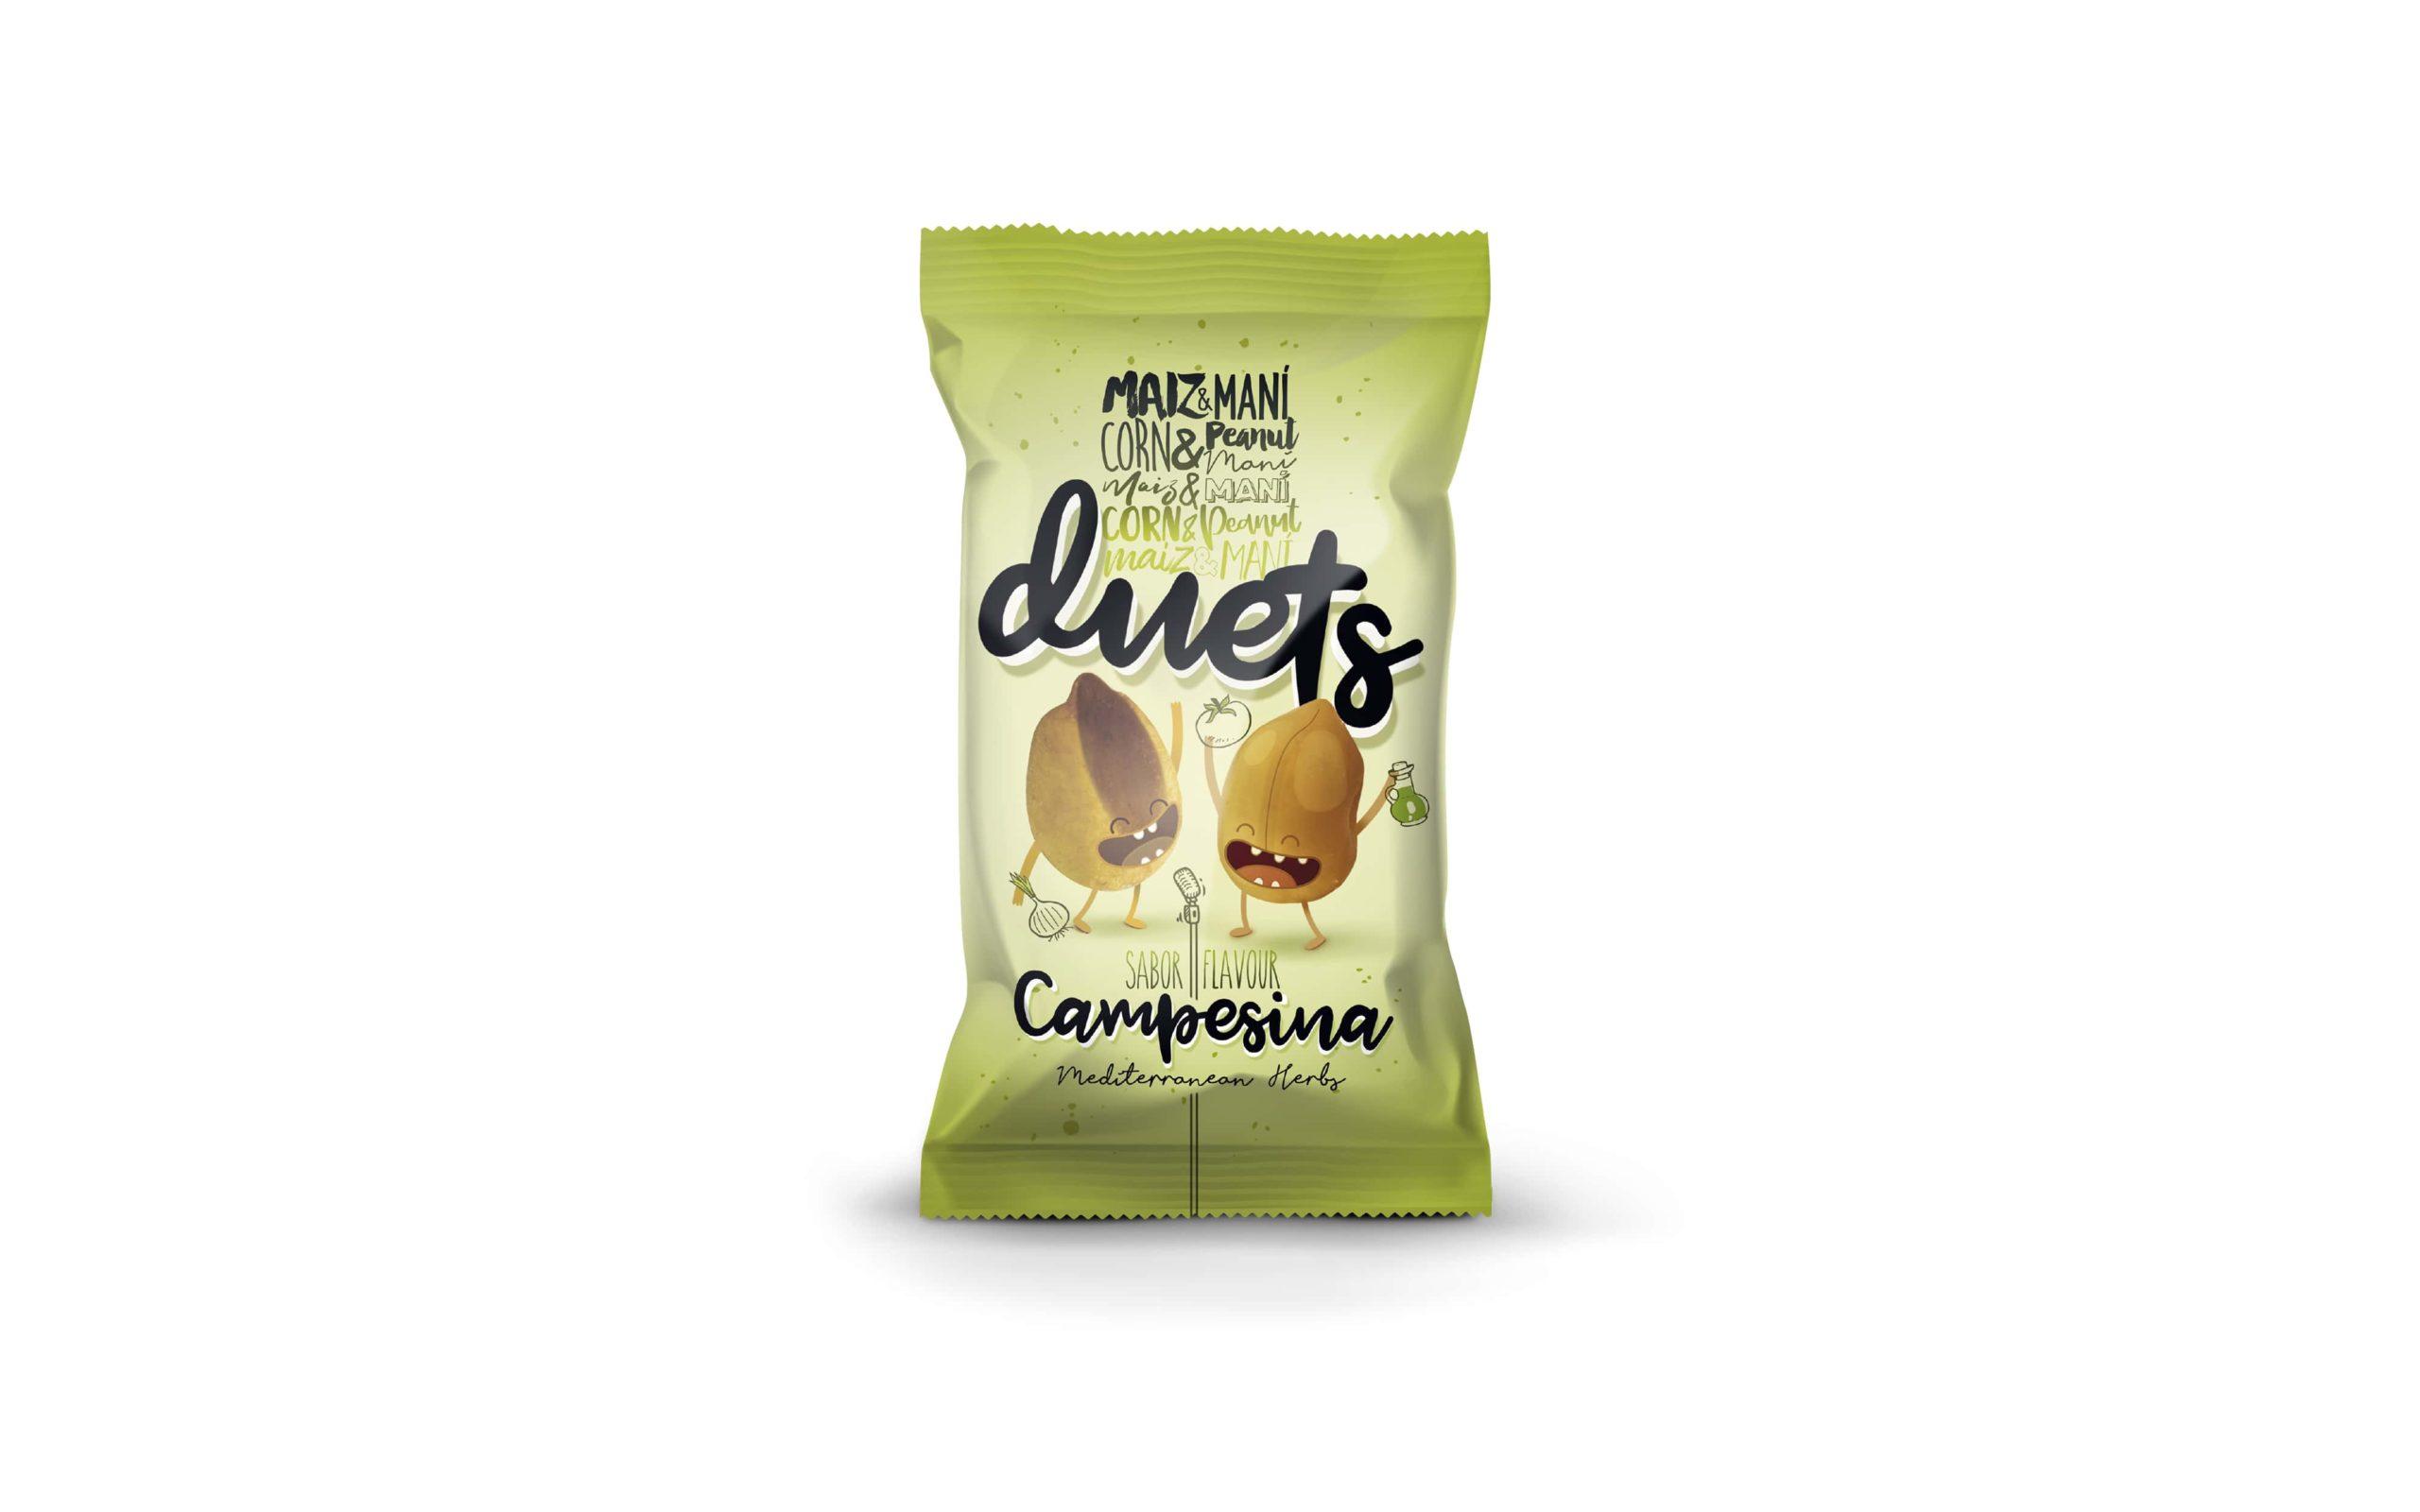 diseno-packaging-duets-campesina-min